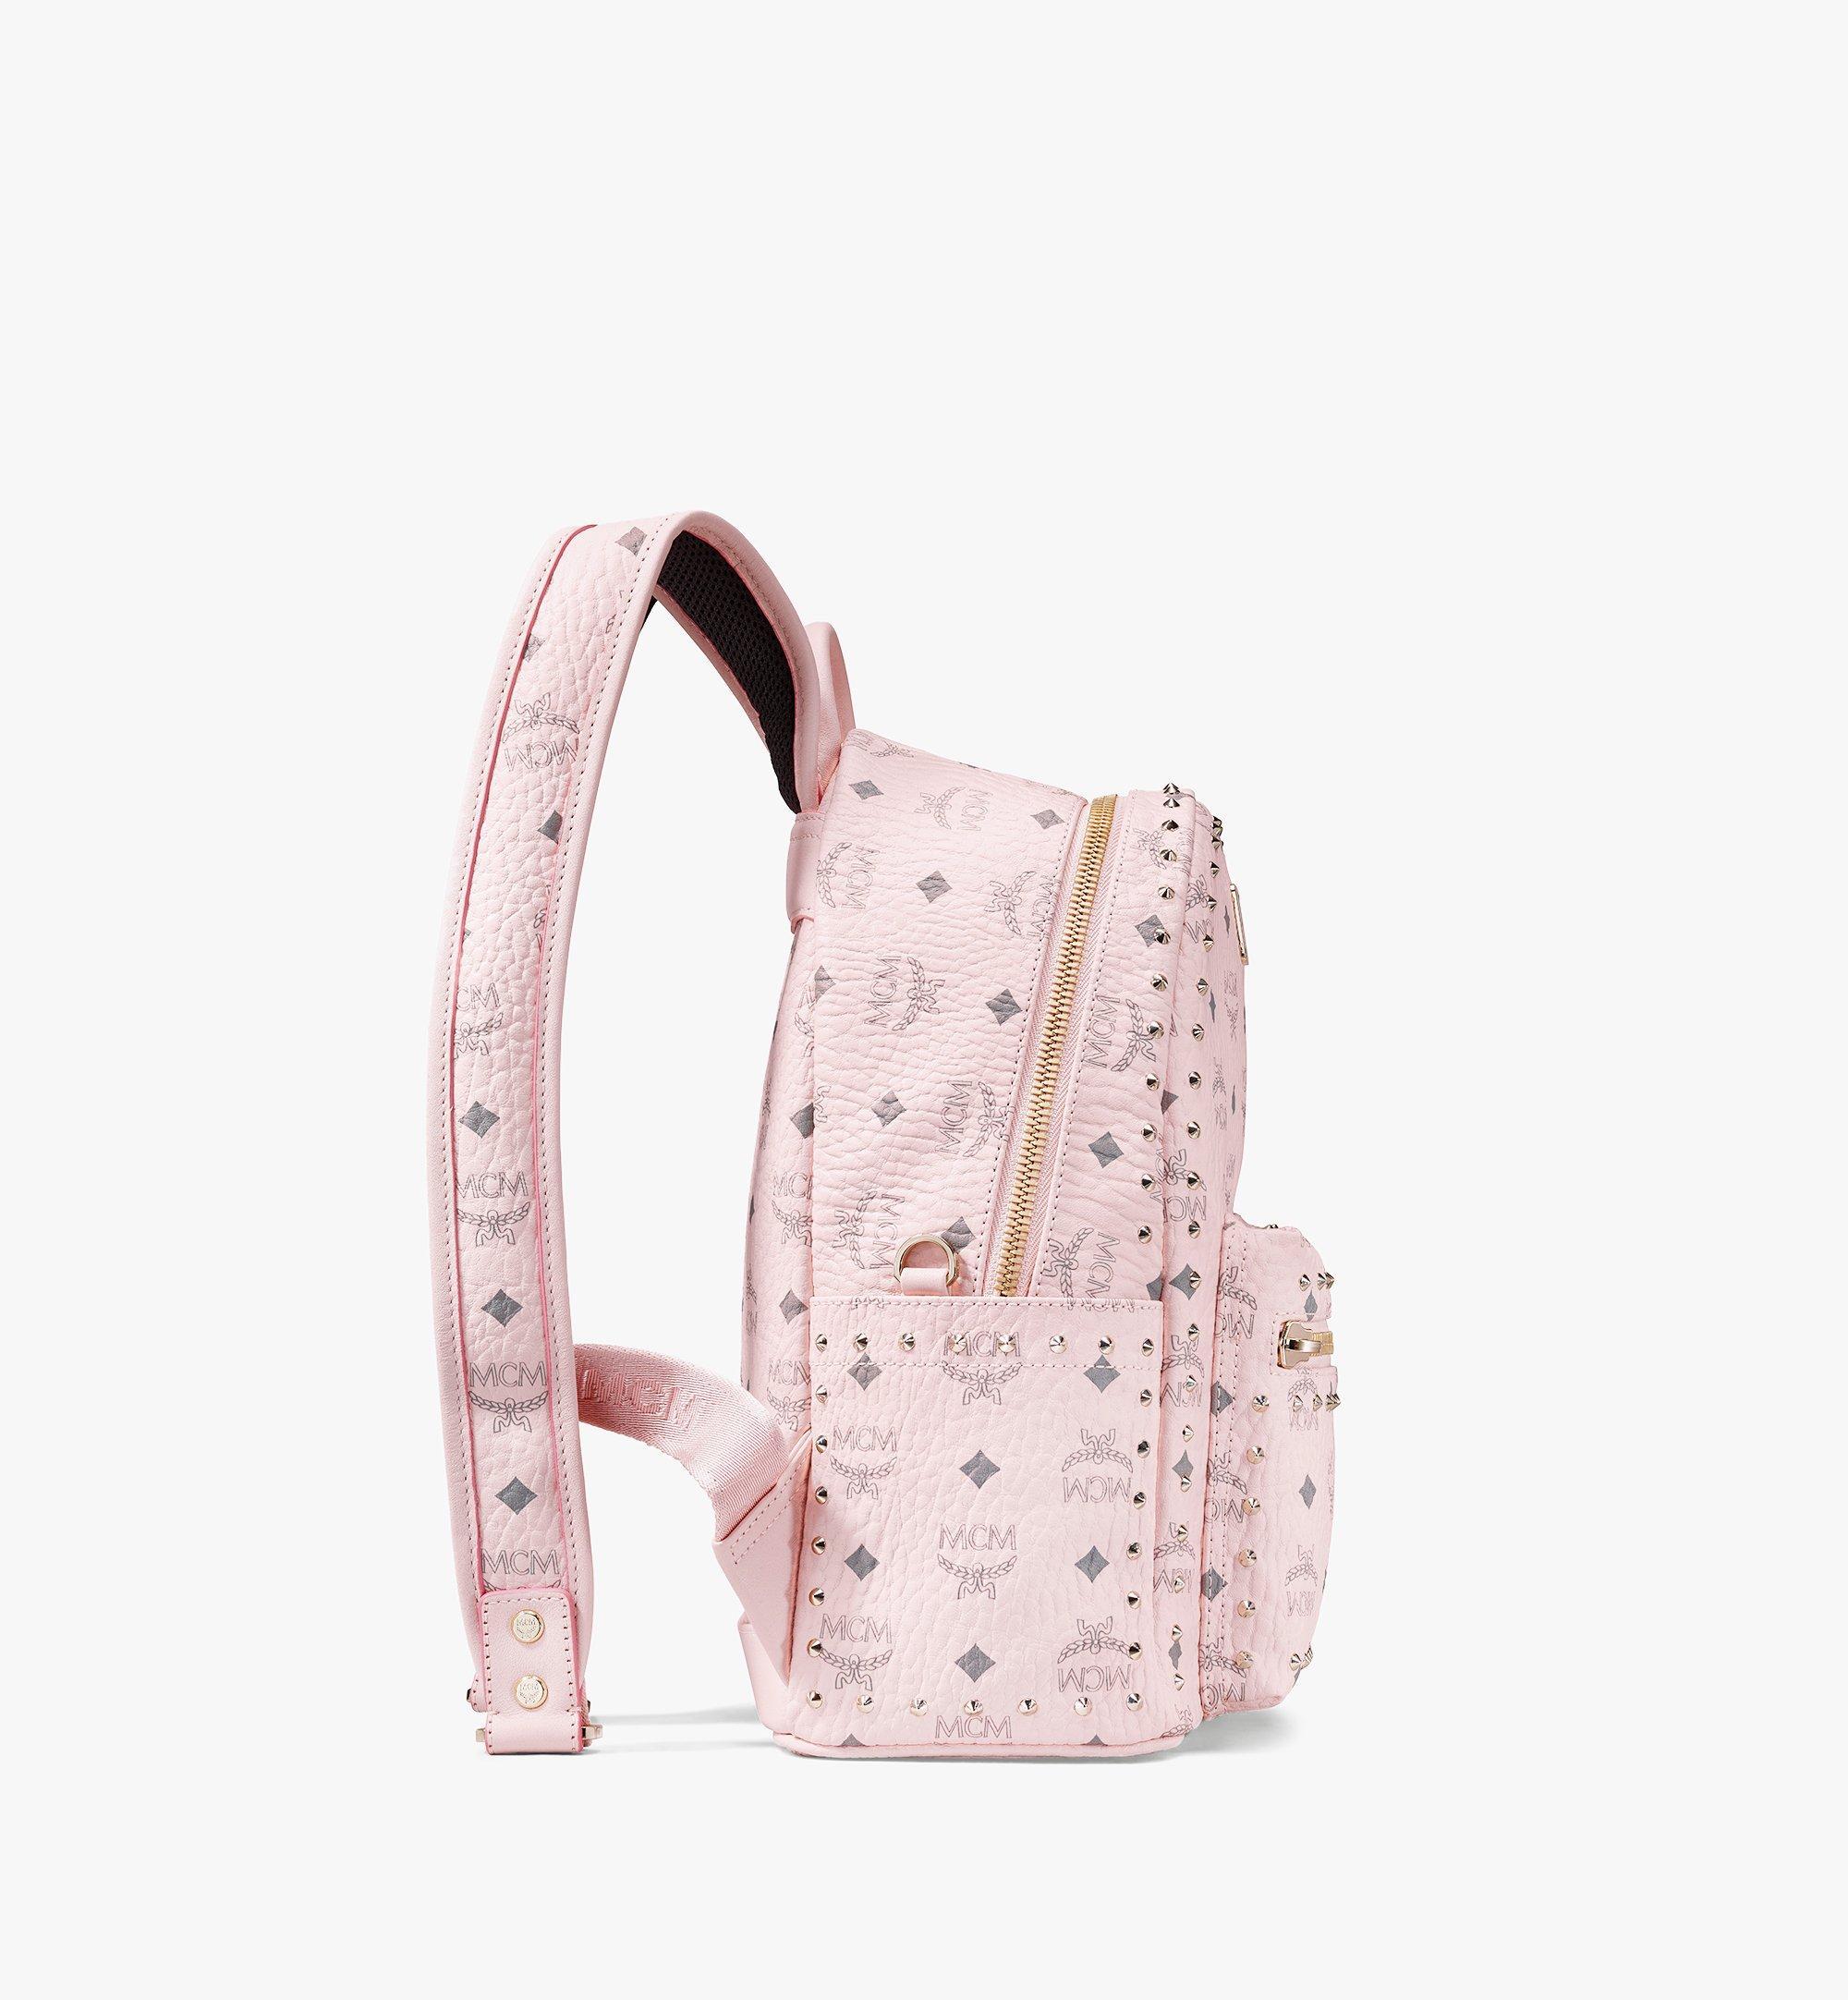 MCM Visetos 皮革的 Stark 鉚釘後背包 Pink MMK8AVE61QH001 更多視圖 1